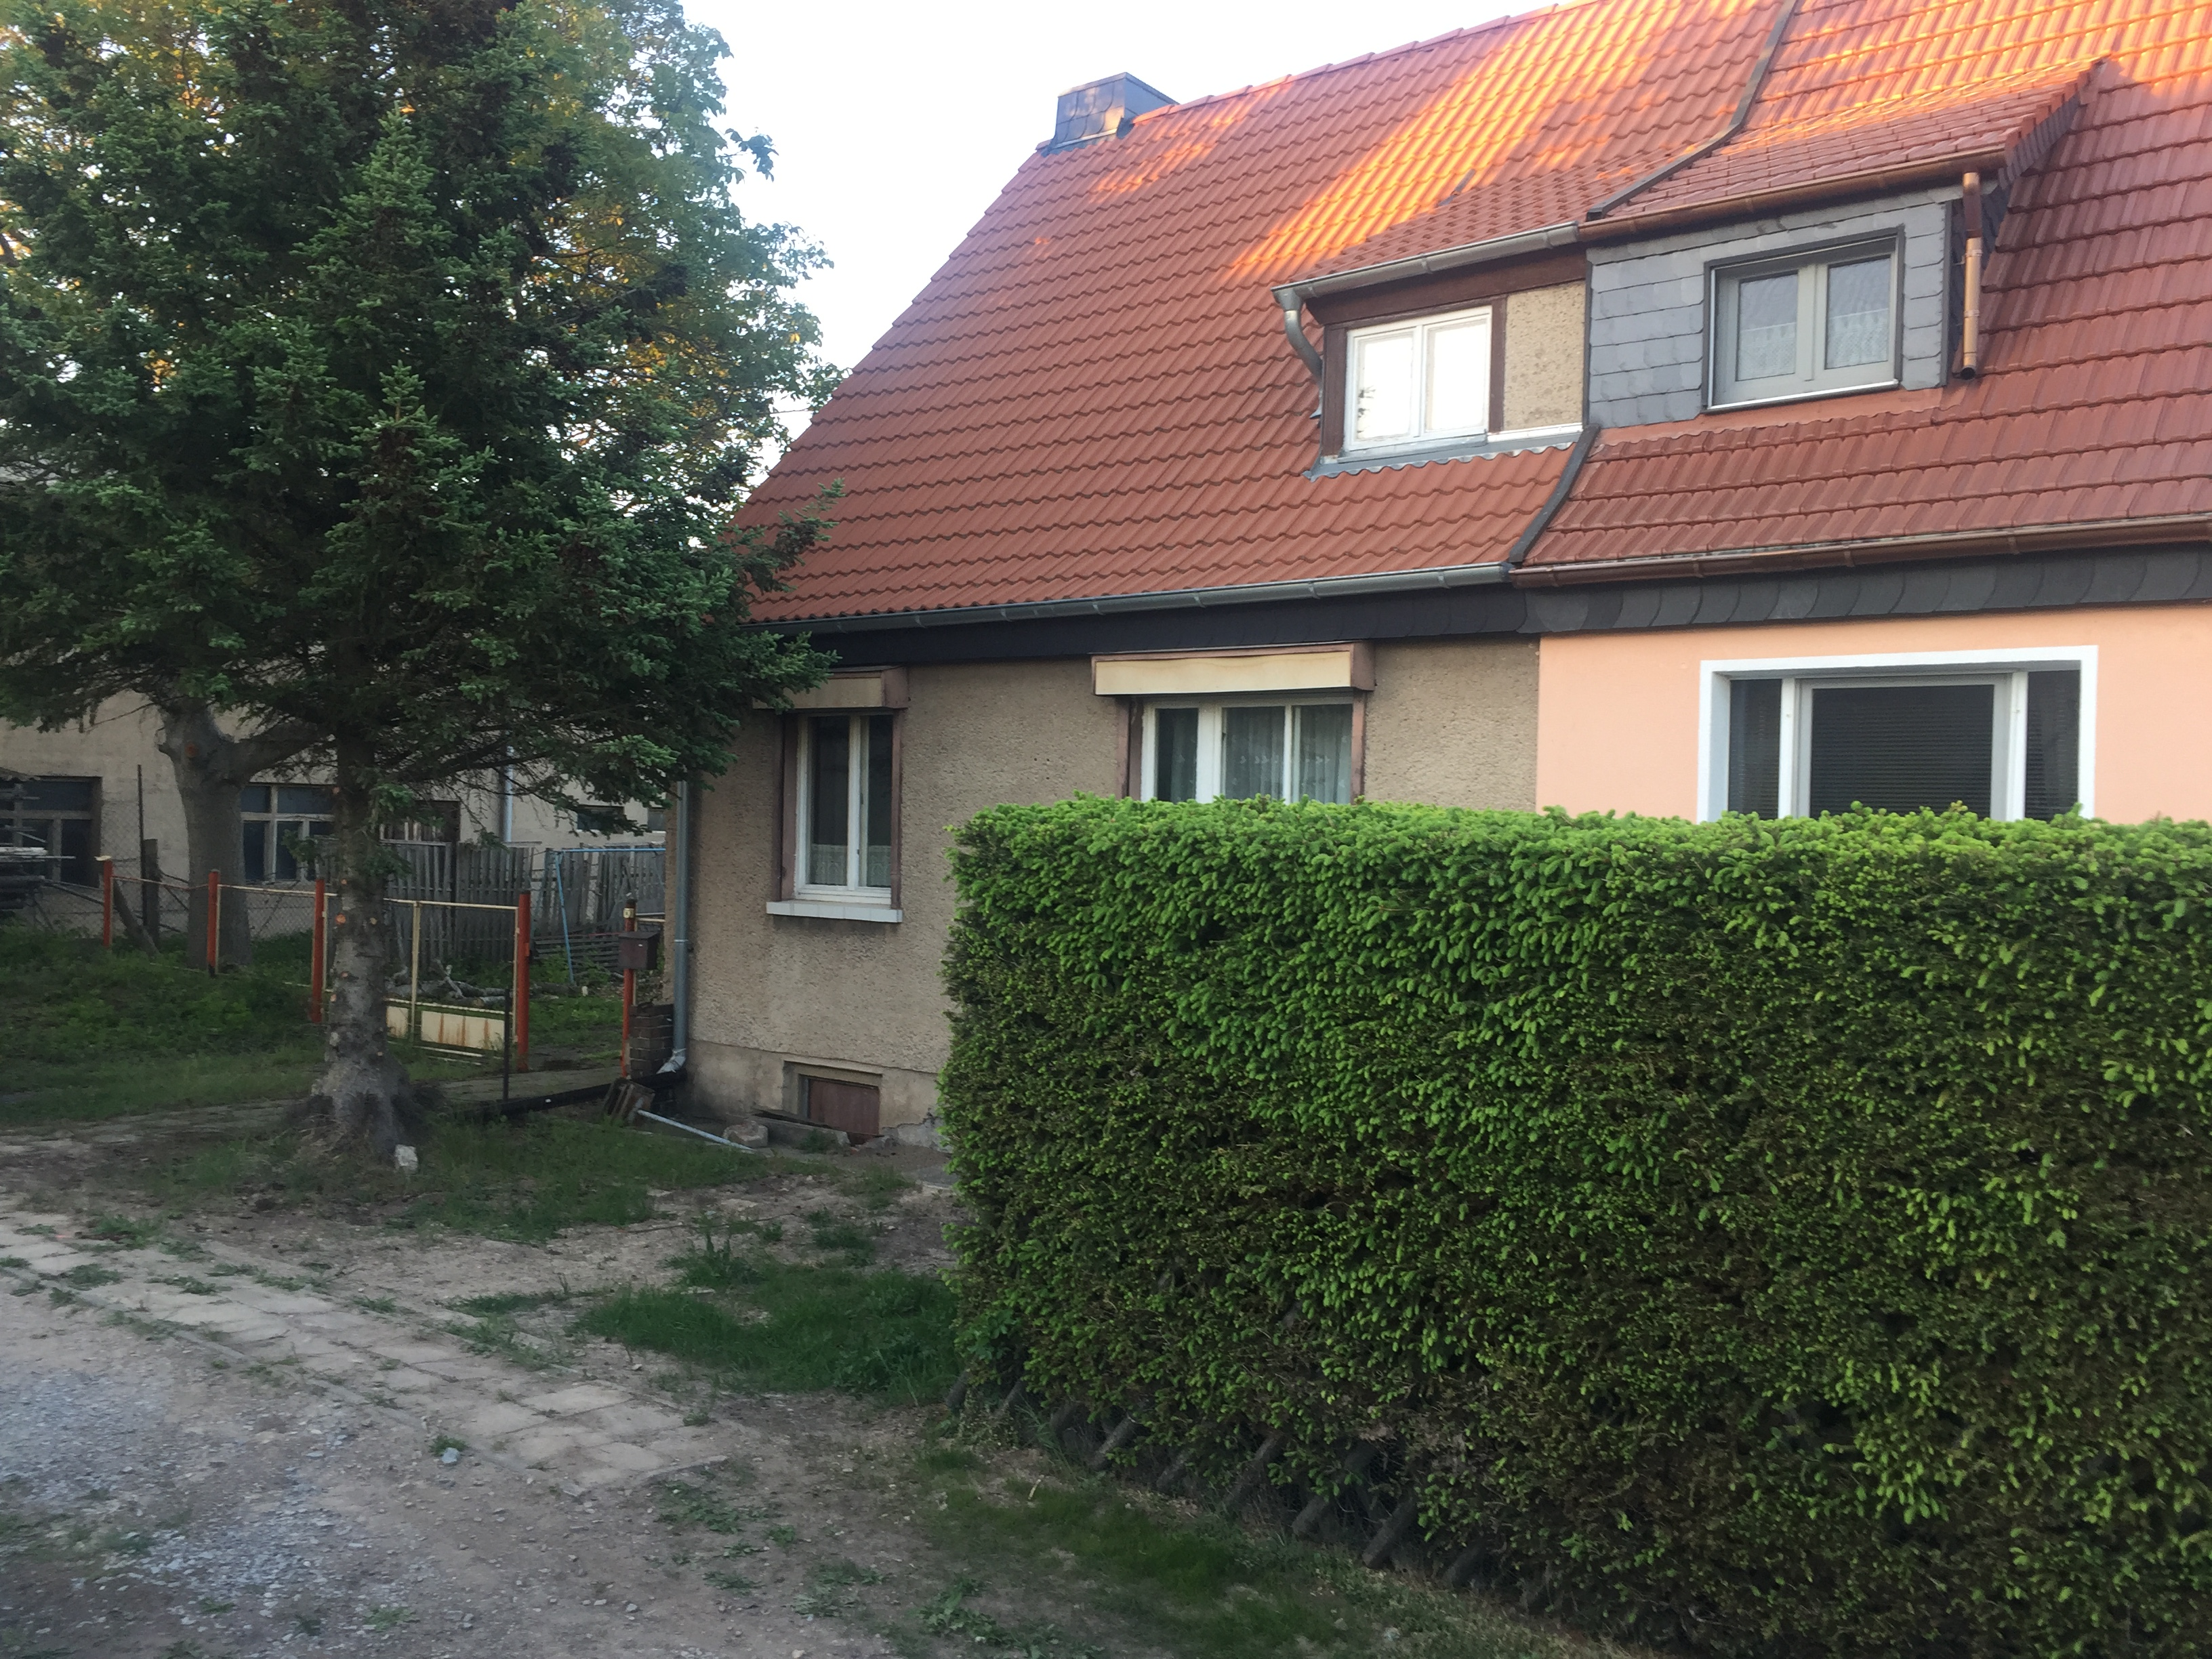 Vendita casa indipendente alsleben magdeburg germania - Casa in germania ...